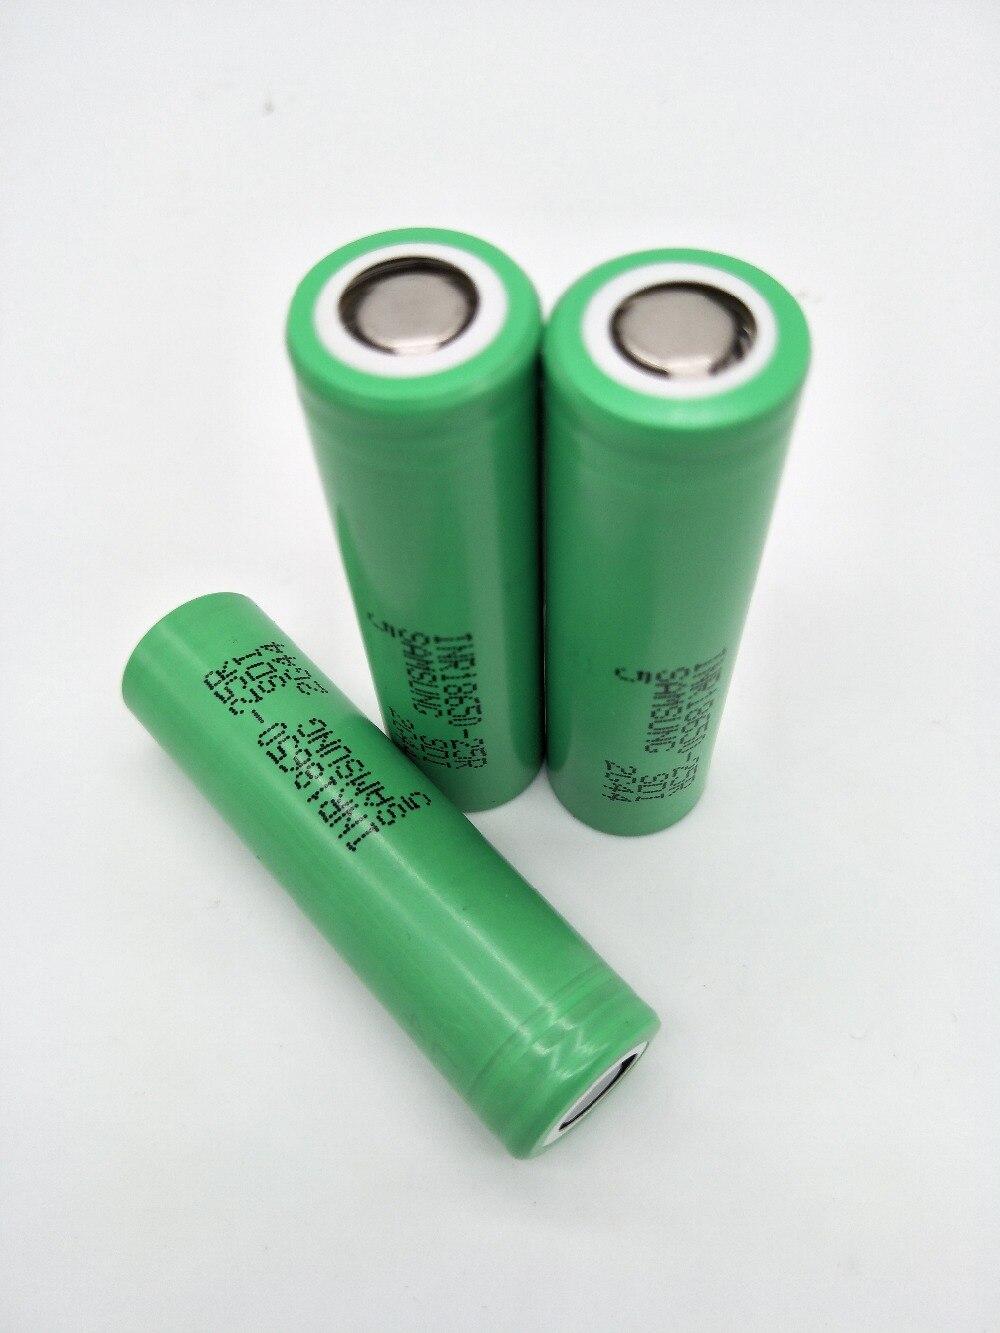 Baterias Recarregáveis originais 18650 2500 mah baterias Marca : Liitokala